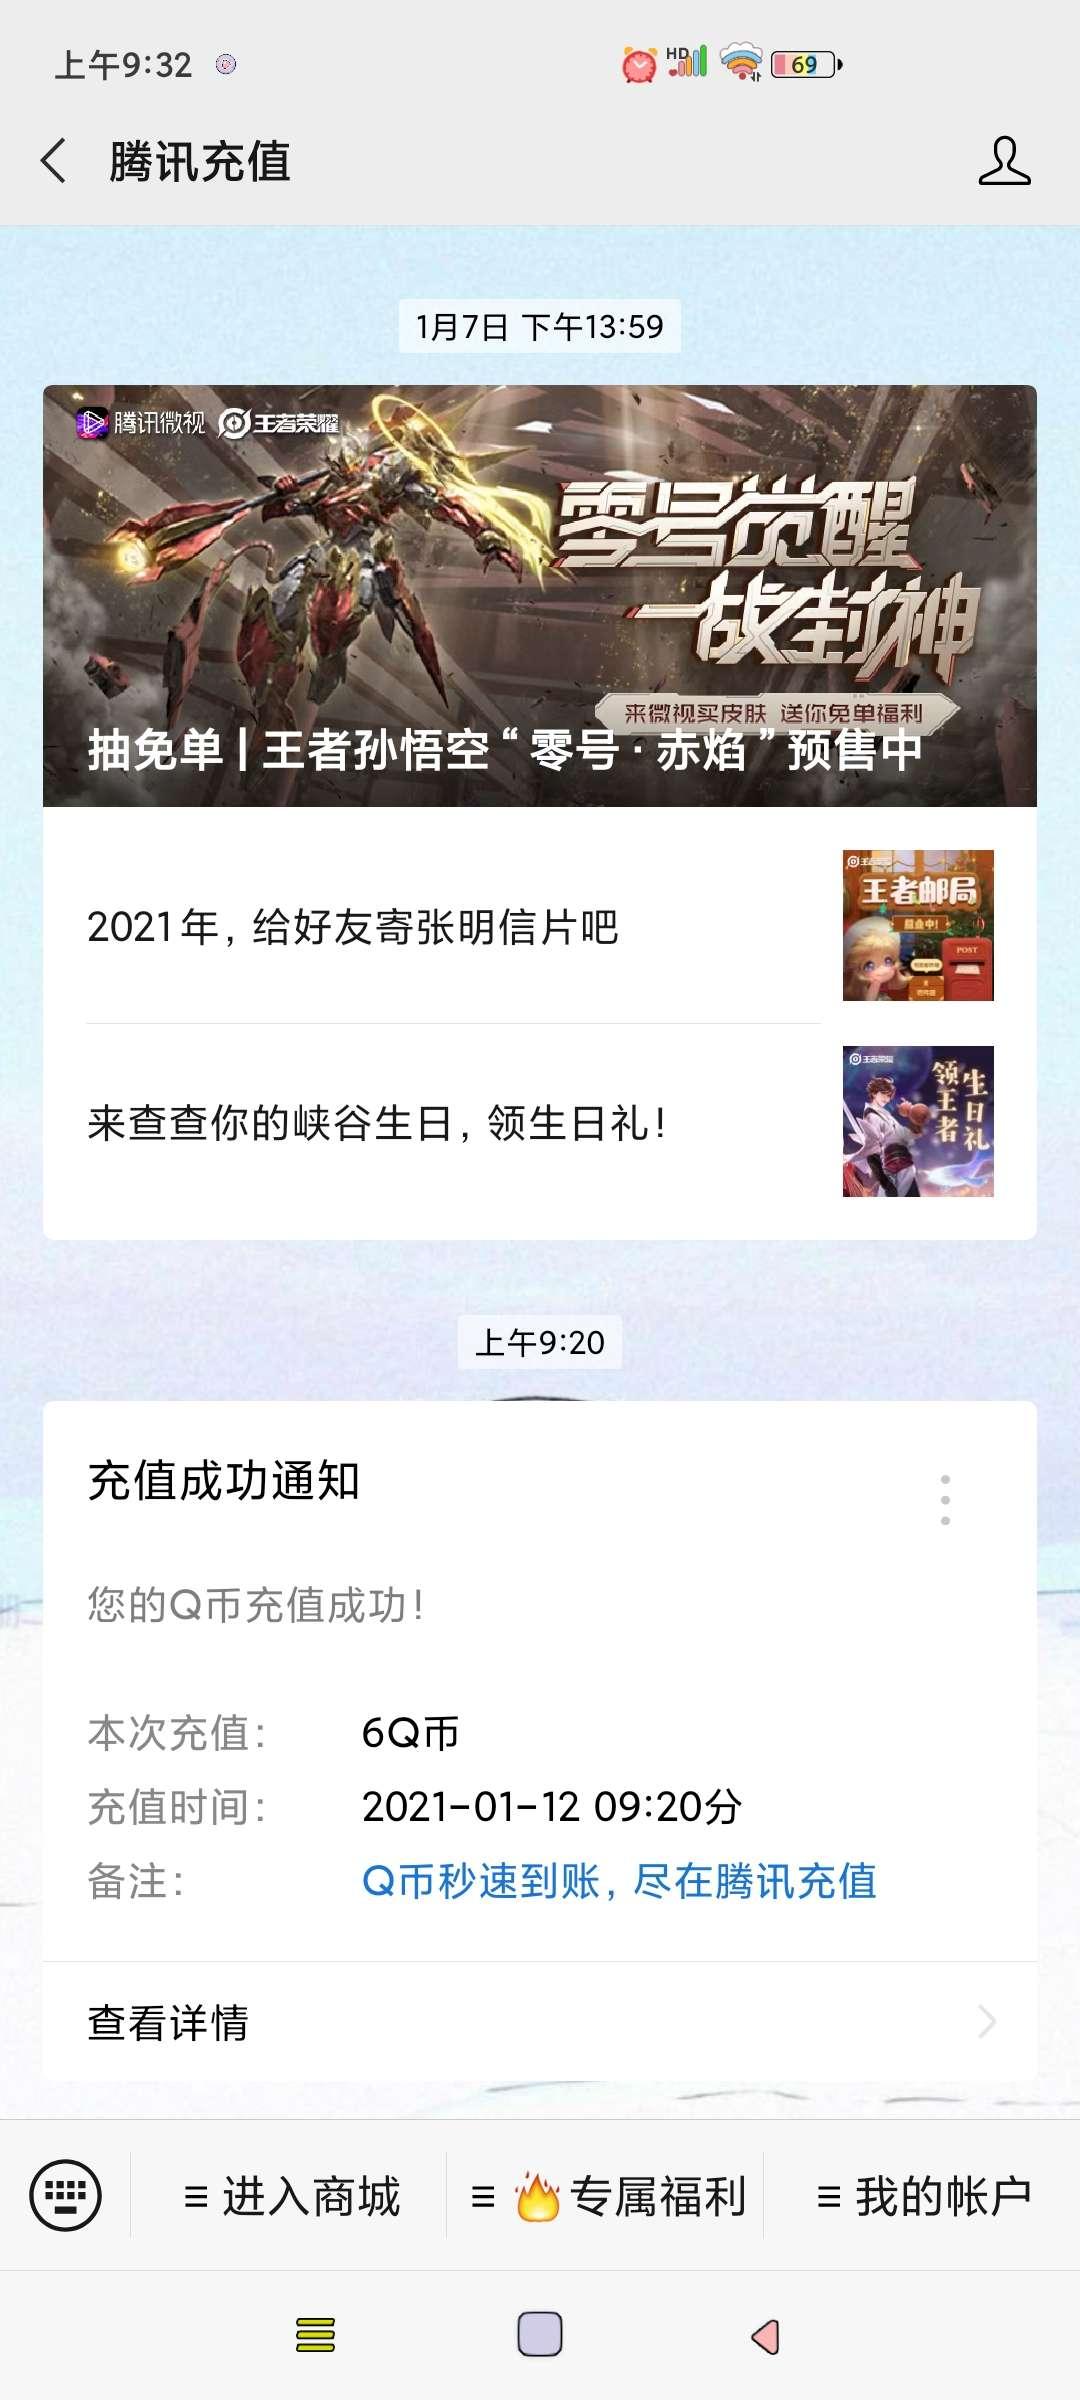 蓝牙陈奇2领q币!?